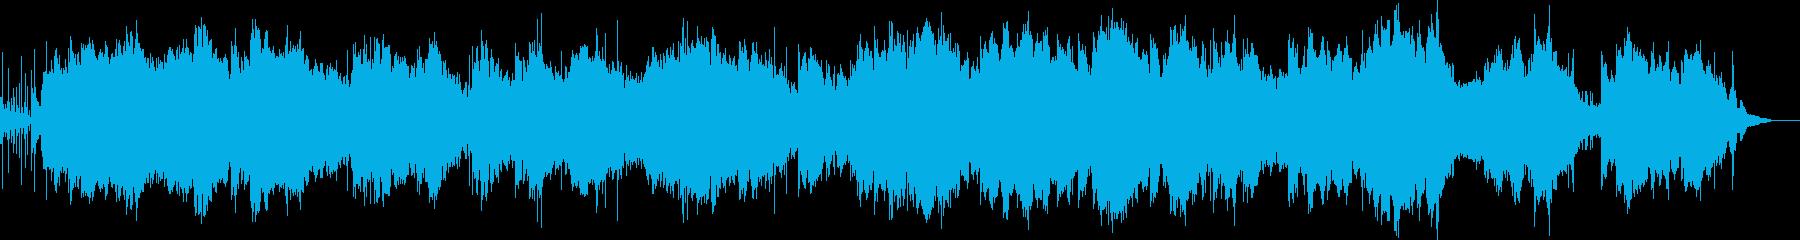 幻想的なヴォイスとベルの入り混じった曲の再生済みの波形